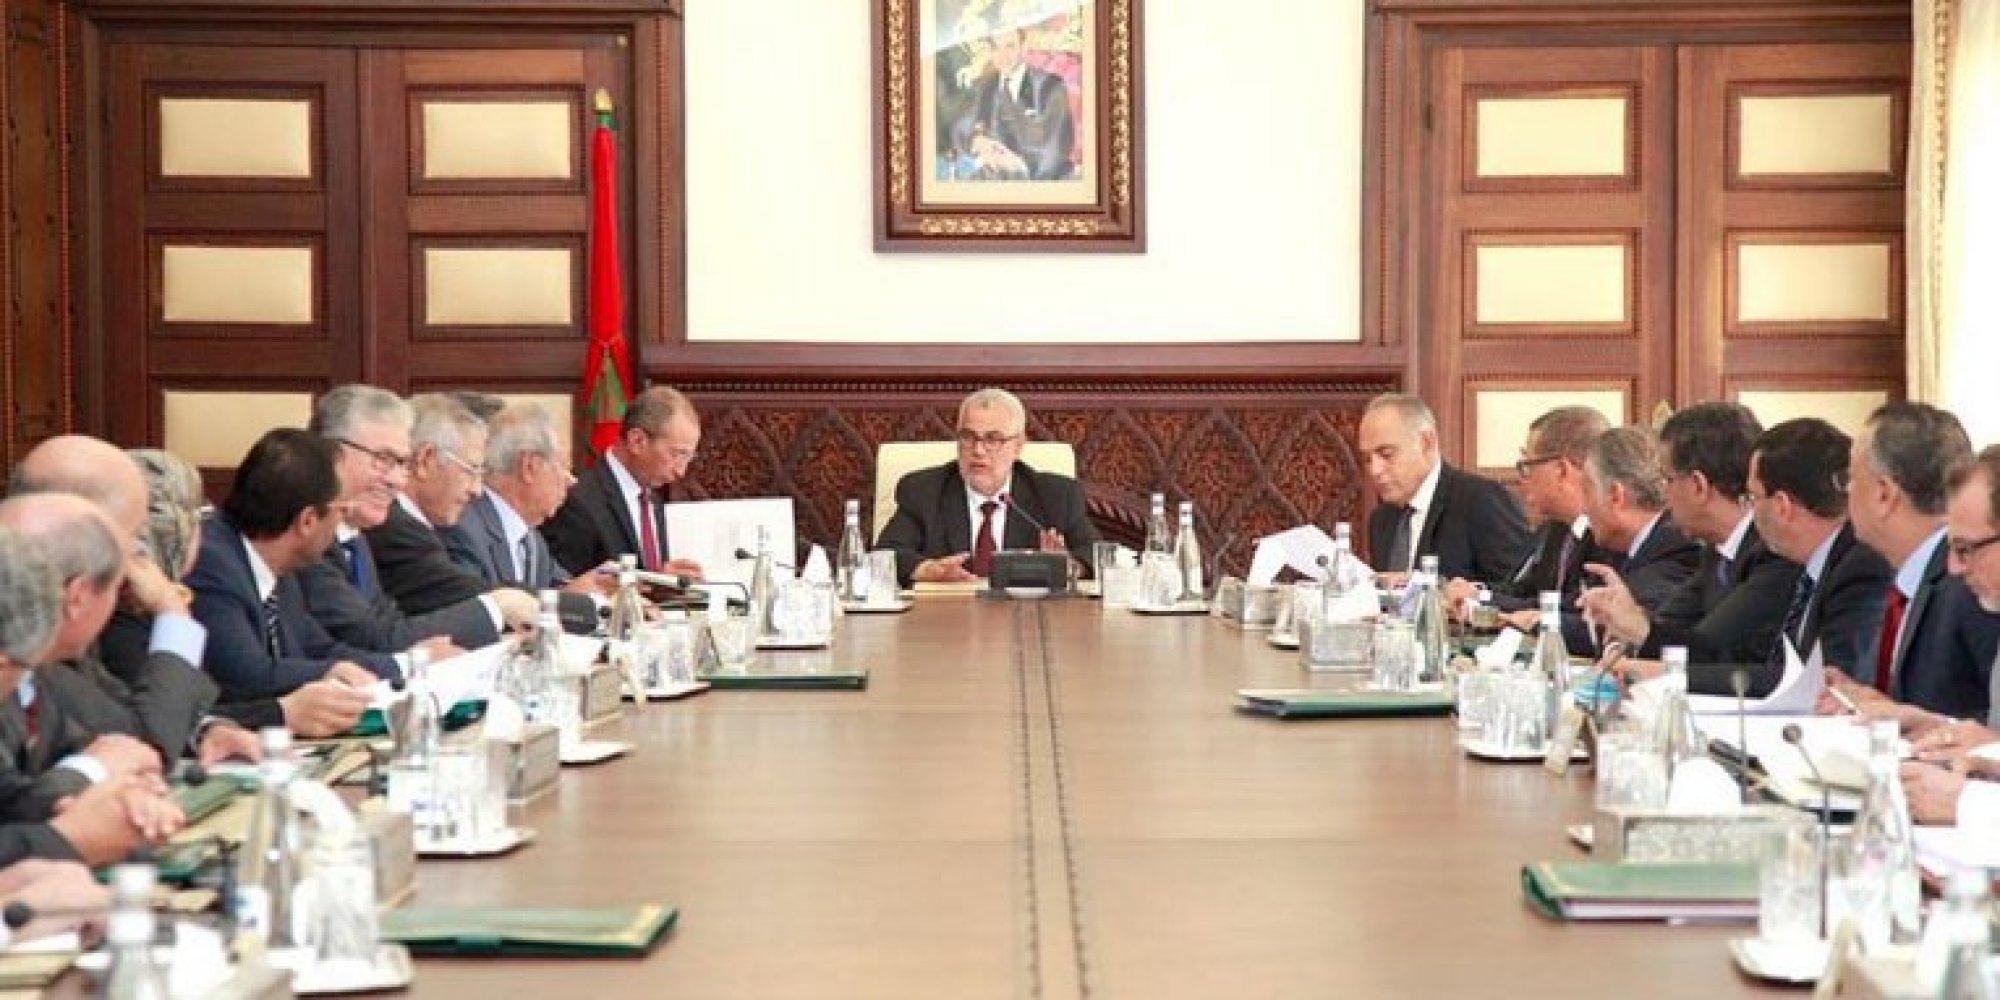 رئيس المركز المغربي: حسابات حزبية تعرقل ميلاد الحكومة المغربية